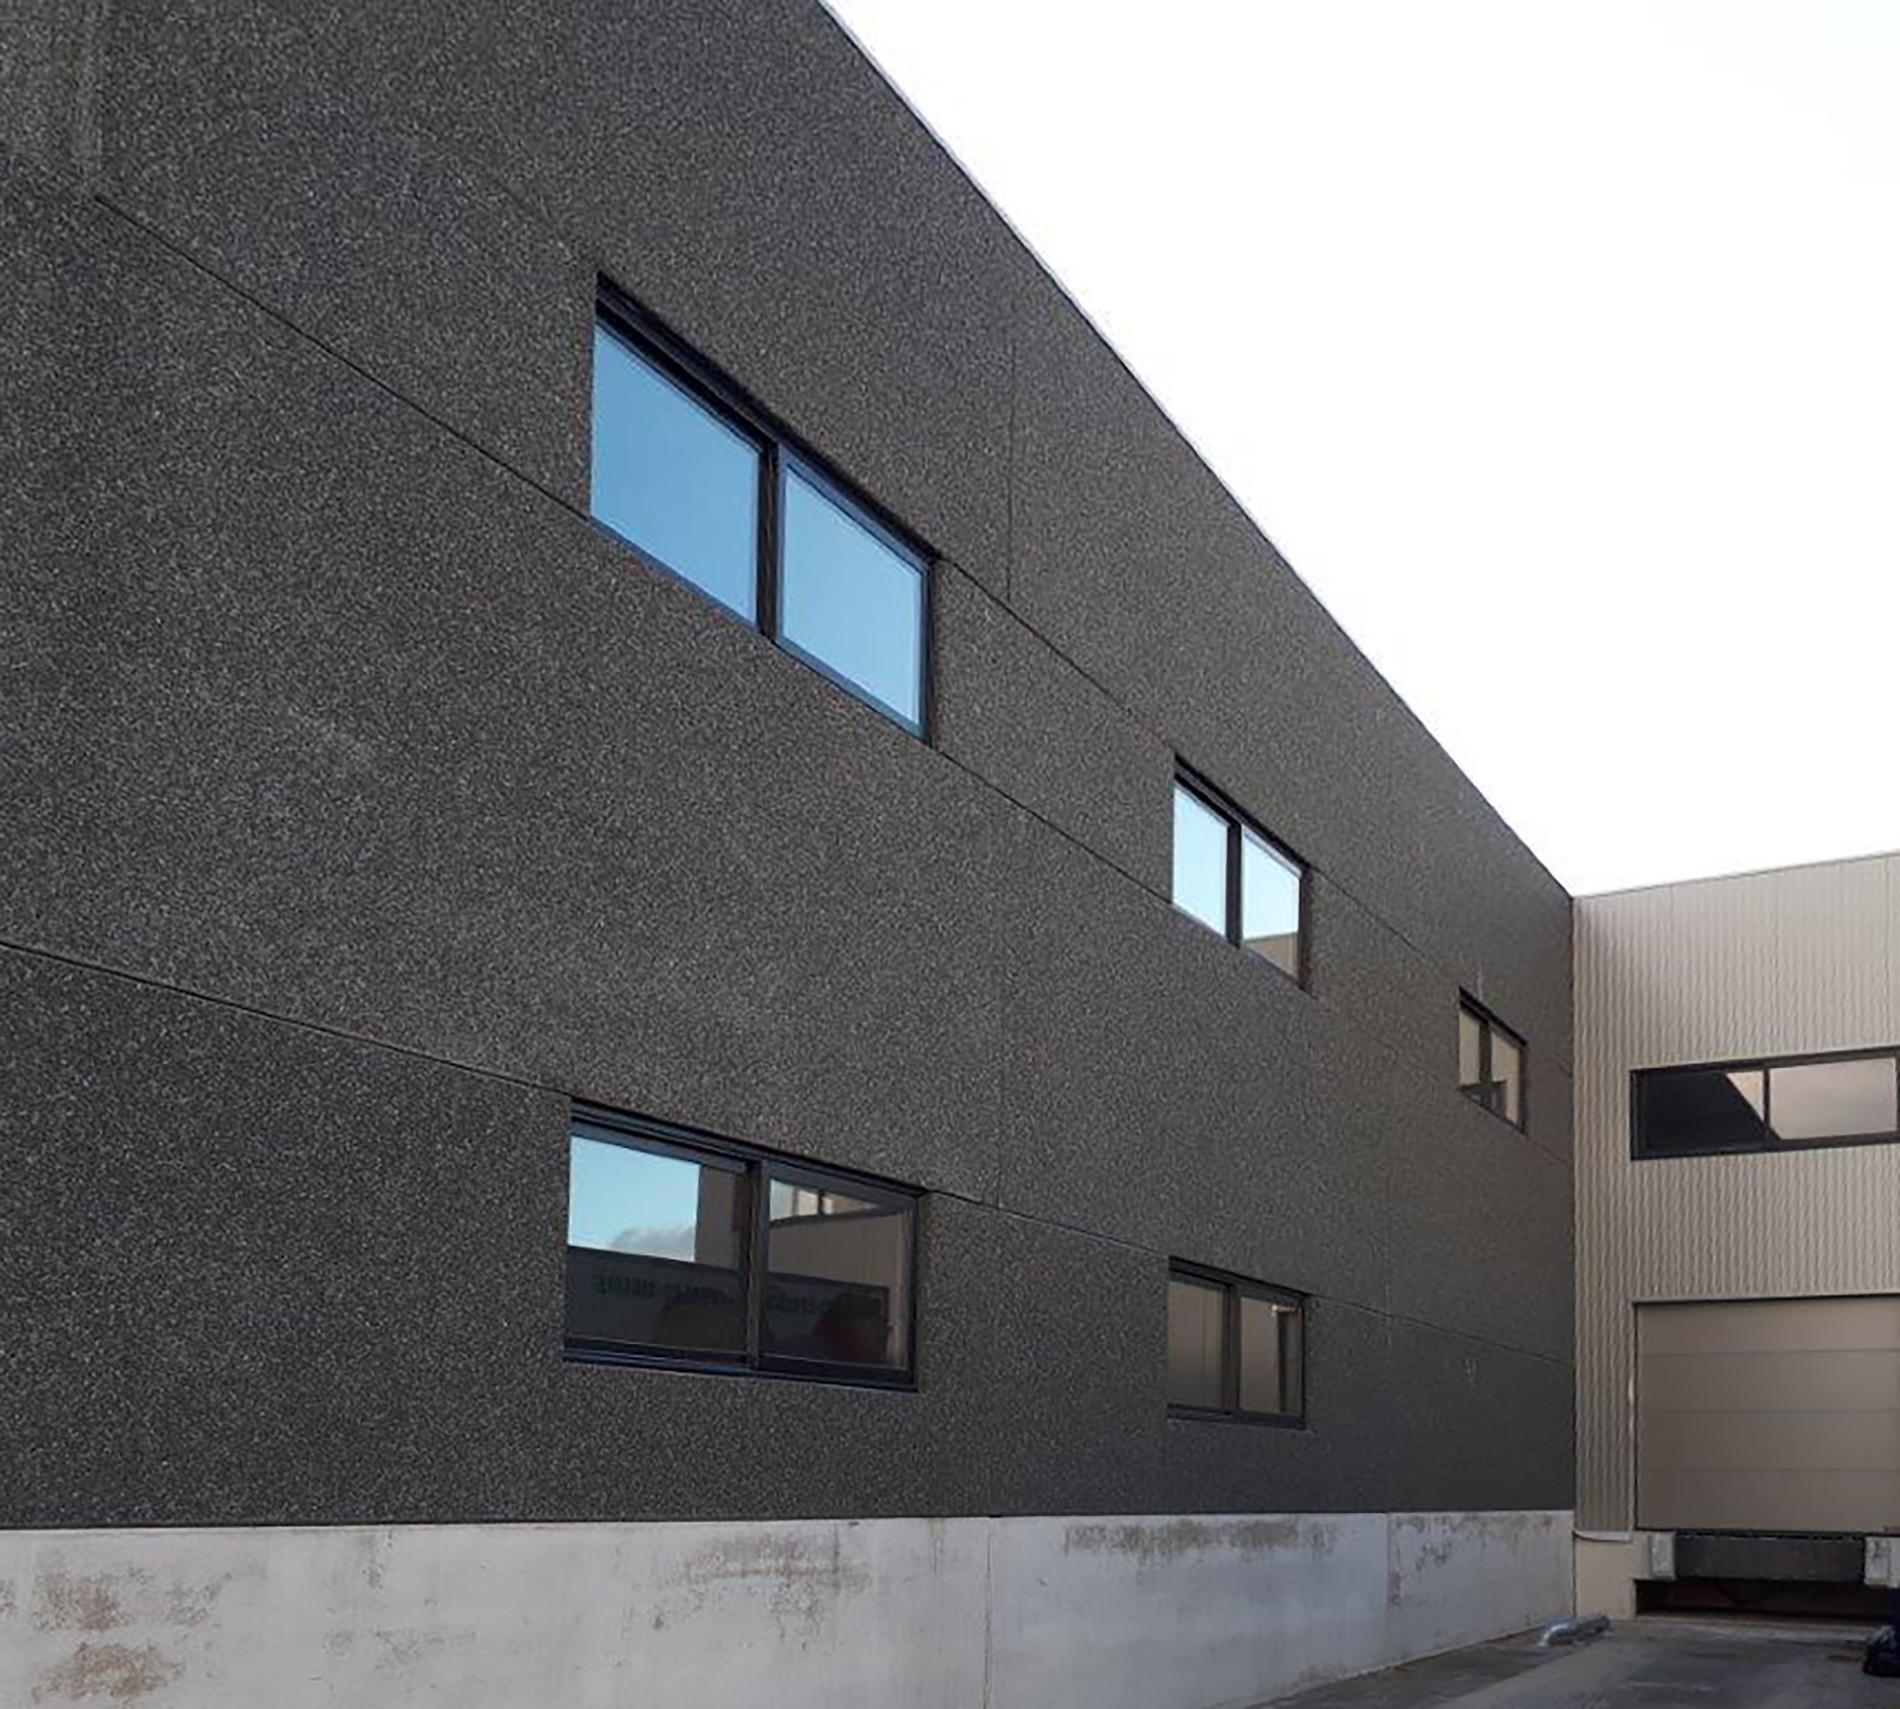 Fenêtres coulissants sur bâtiment industriel - Hors-site - ERP - RENOVAL Menuiseries